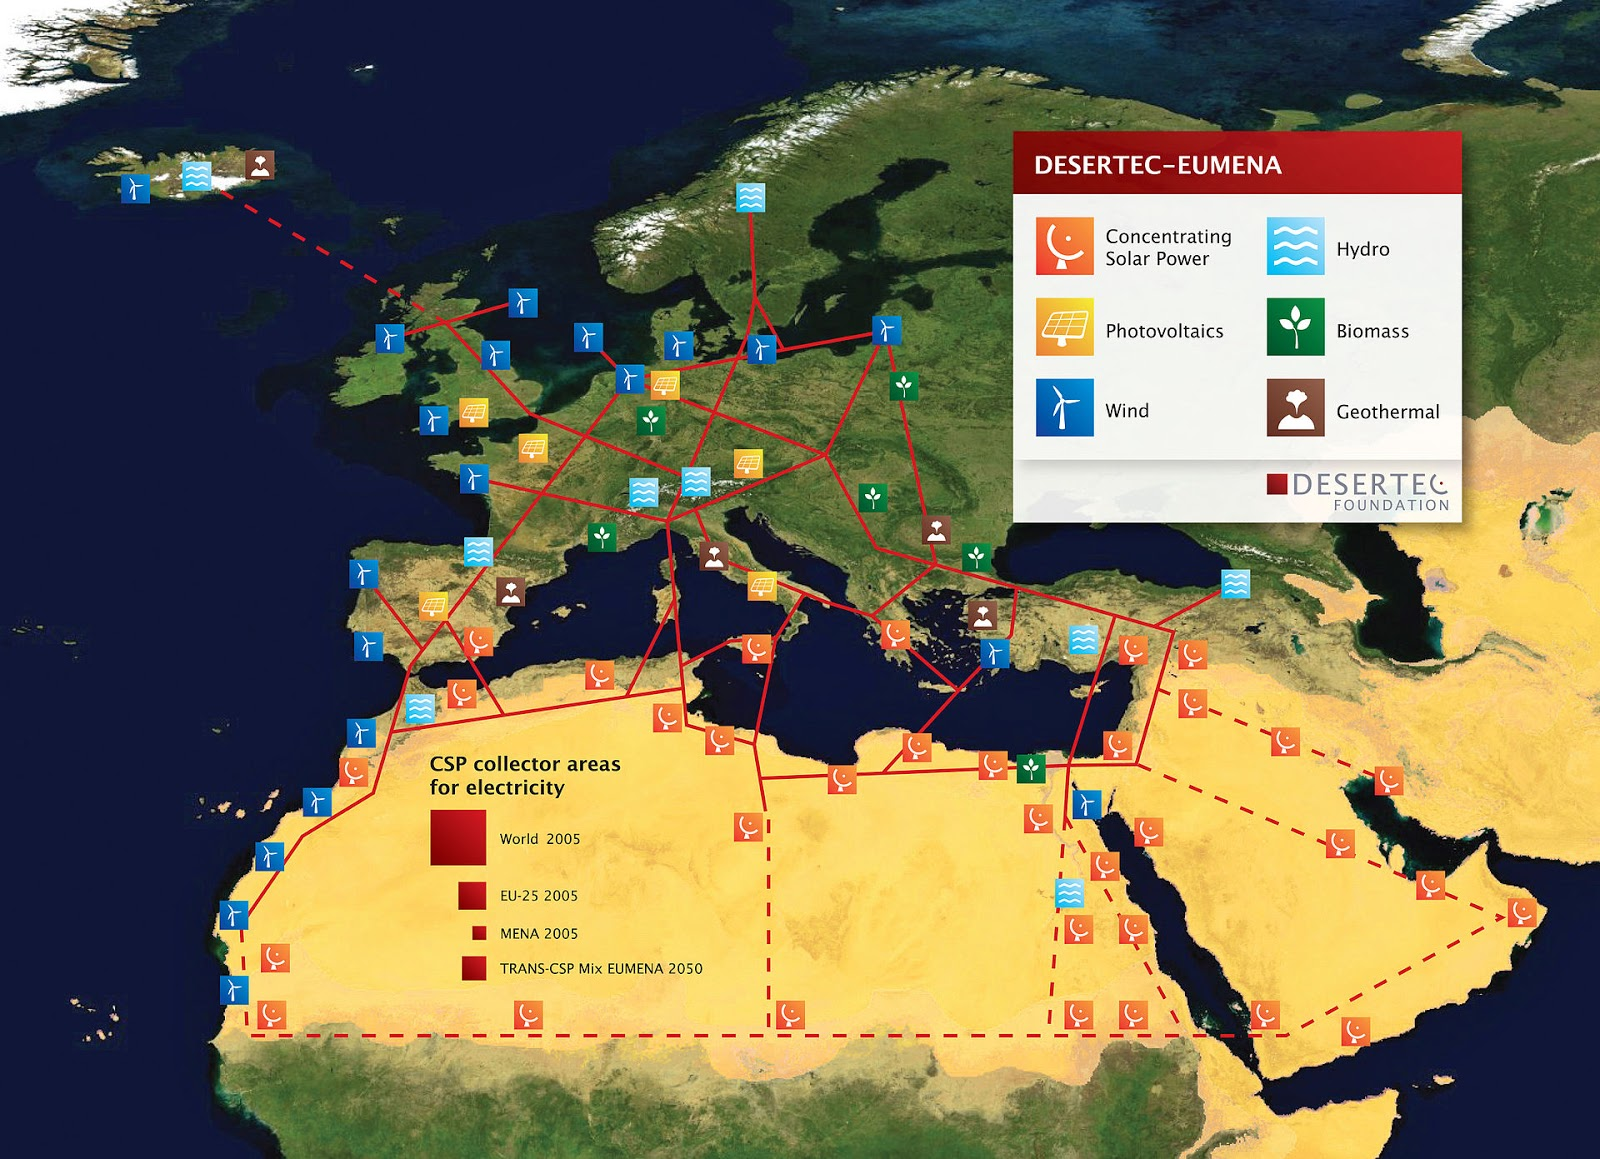 Karte von Europa, die zeigt welche Region welchen grünen Strom erzeugen kann, sowie wie das Netzwerk aussehen könnte.